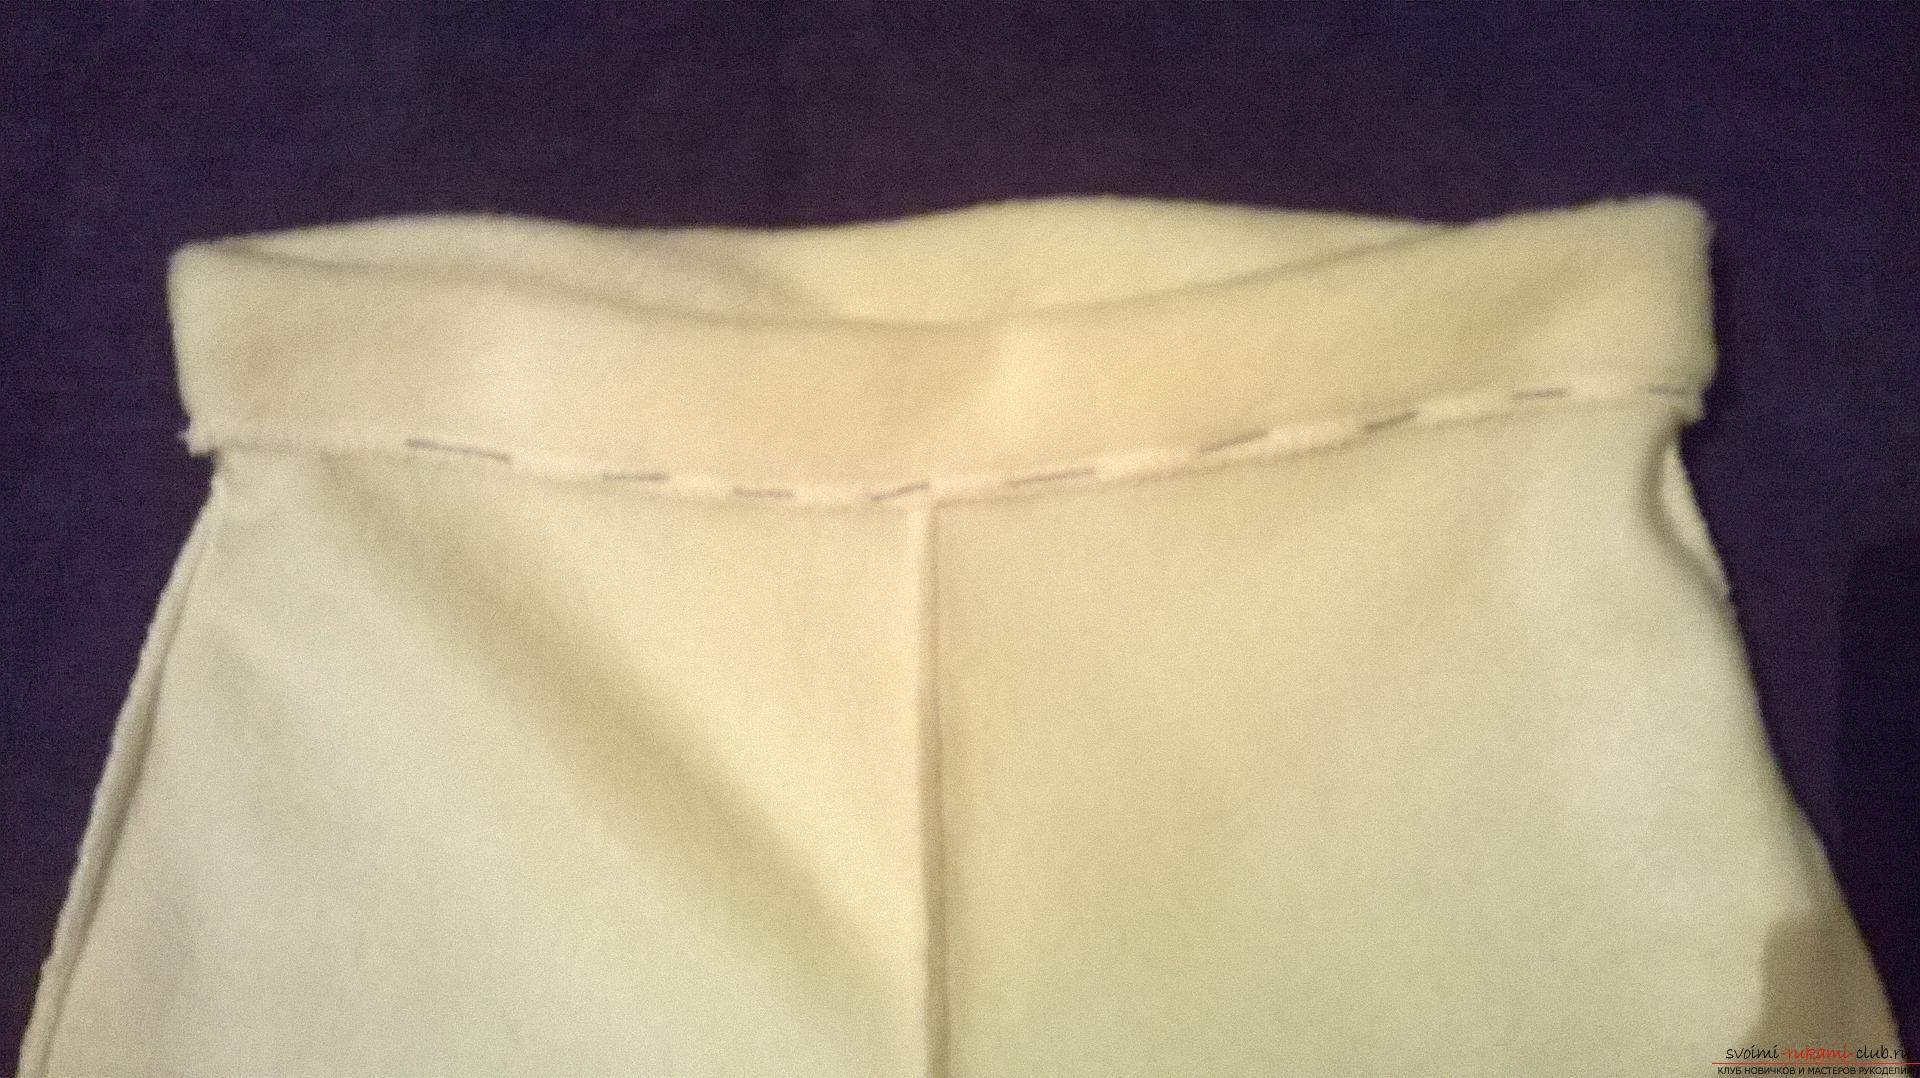 Подробный мастер-класс научит как сшить штаны для ребенка своими руками быстро и просто, без выкройки.. Фото №13